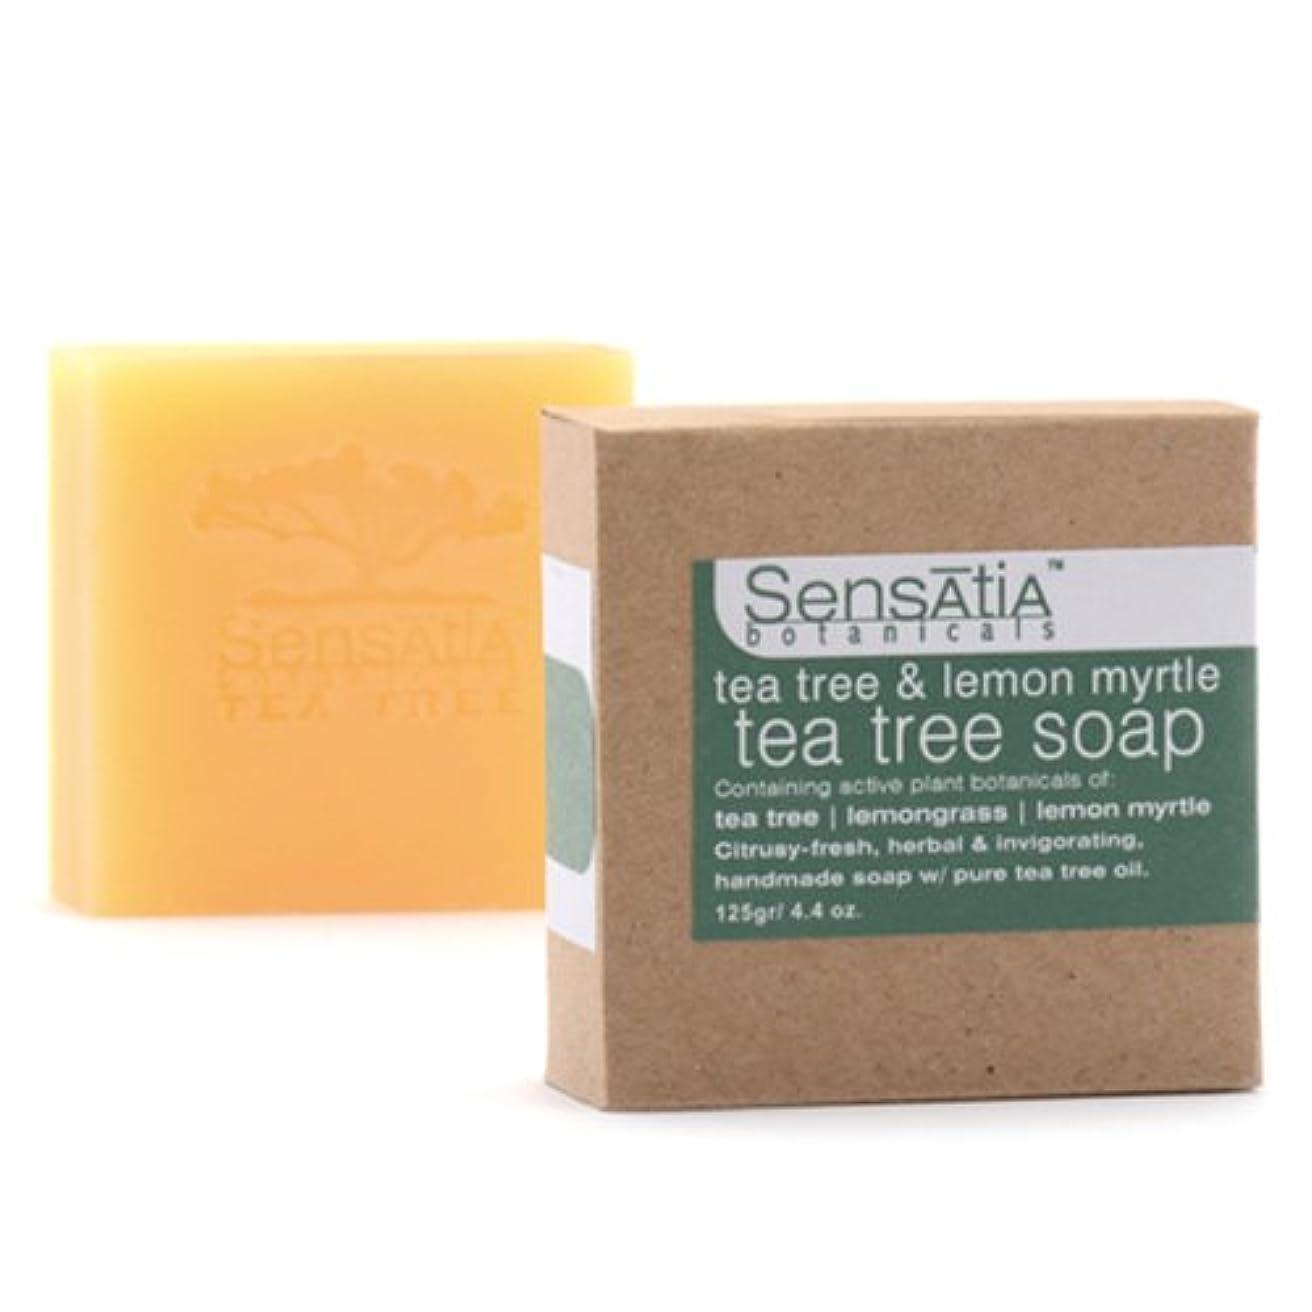 眠いです許可する応じるSensatia(センセイシャ) ティーツリーソープ レモンマートル 125g